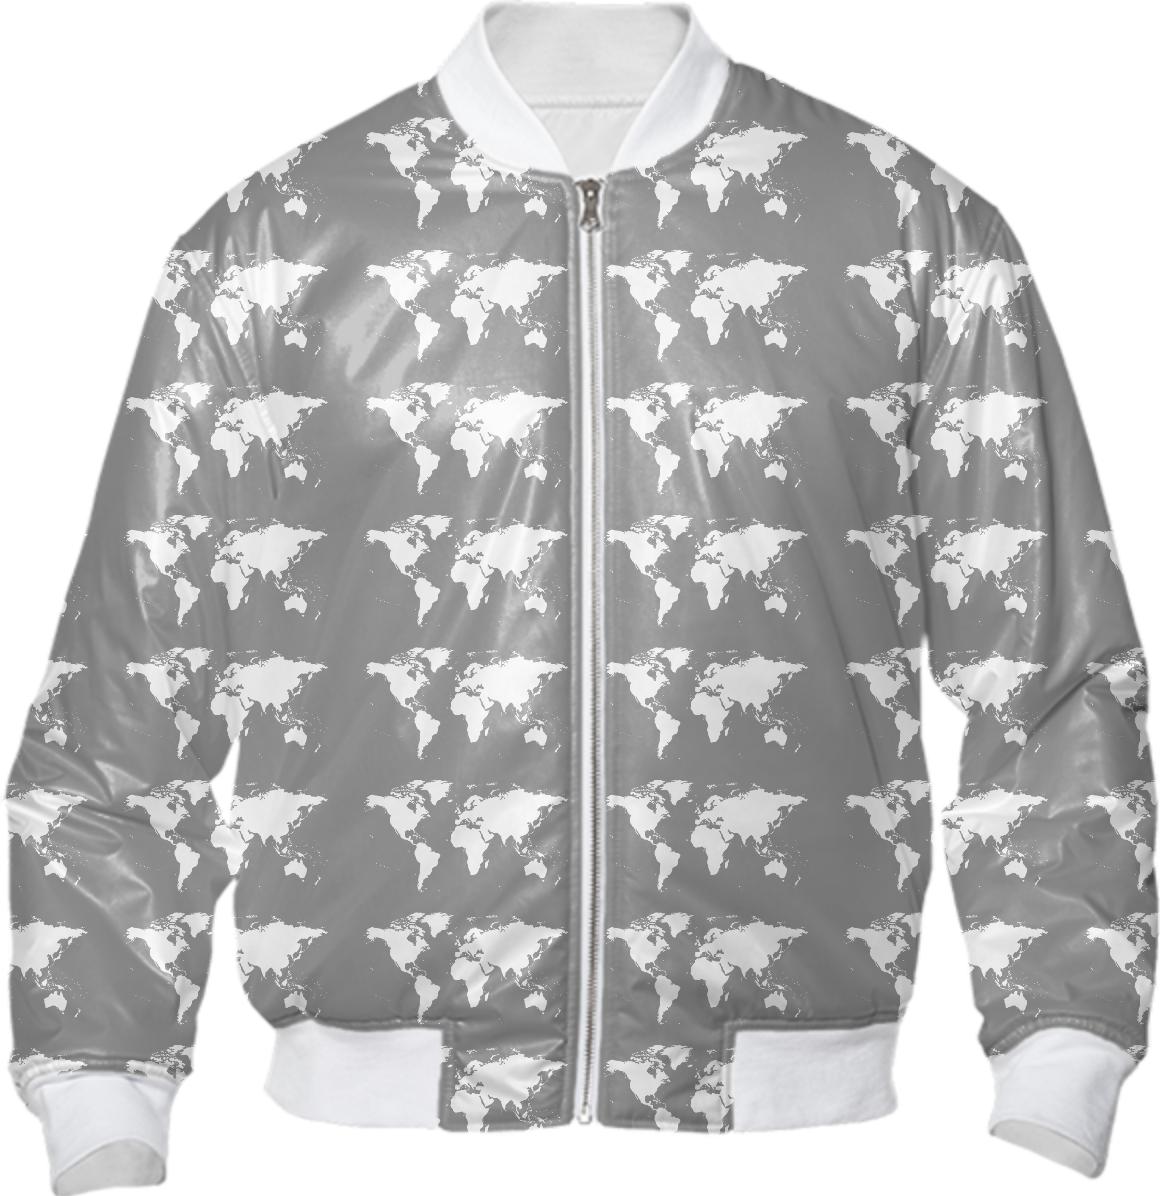 Shop world map pattern bomber jacket bomber jacket by elsewhere bomber jacket gumiabroncs Choice Image